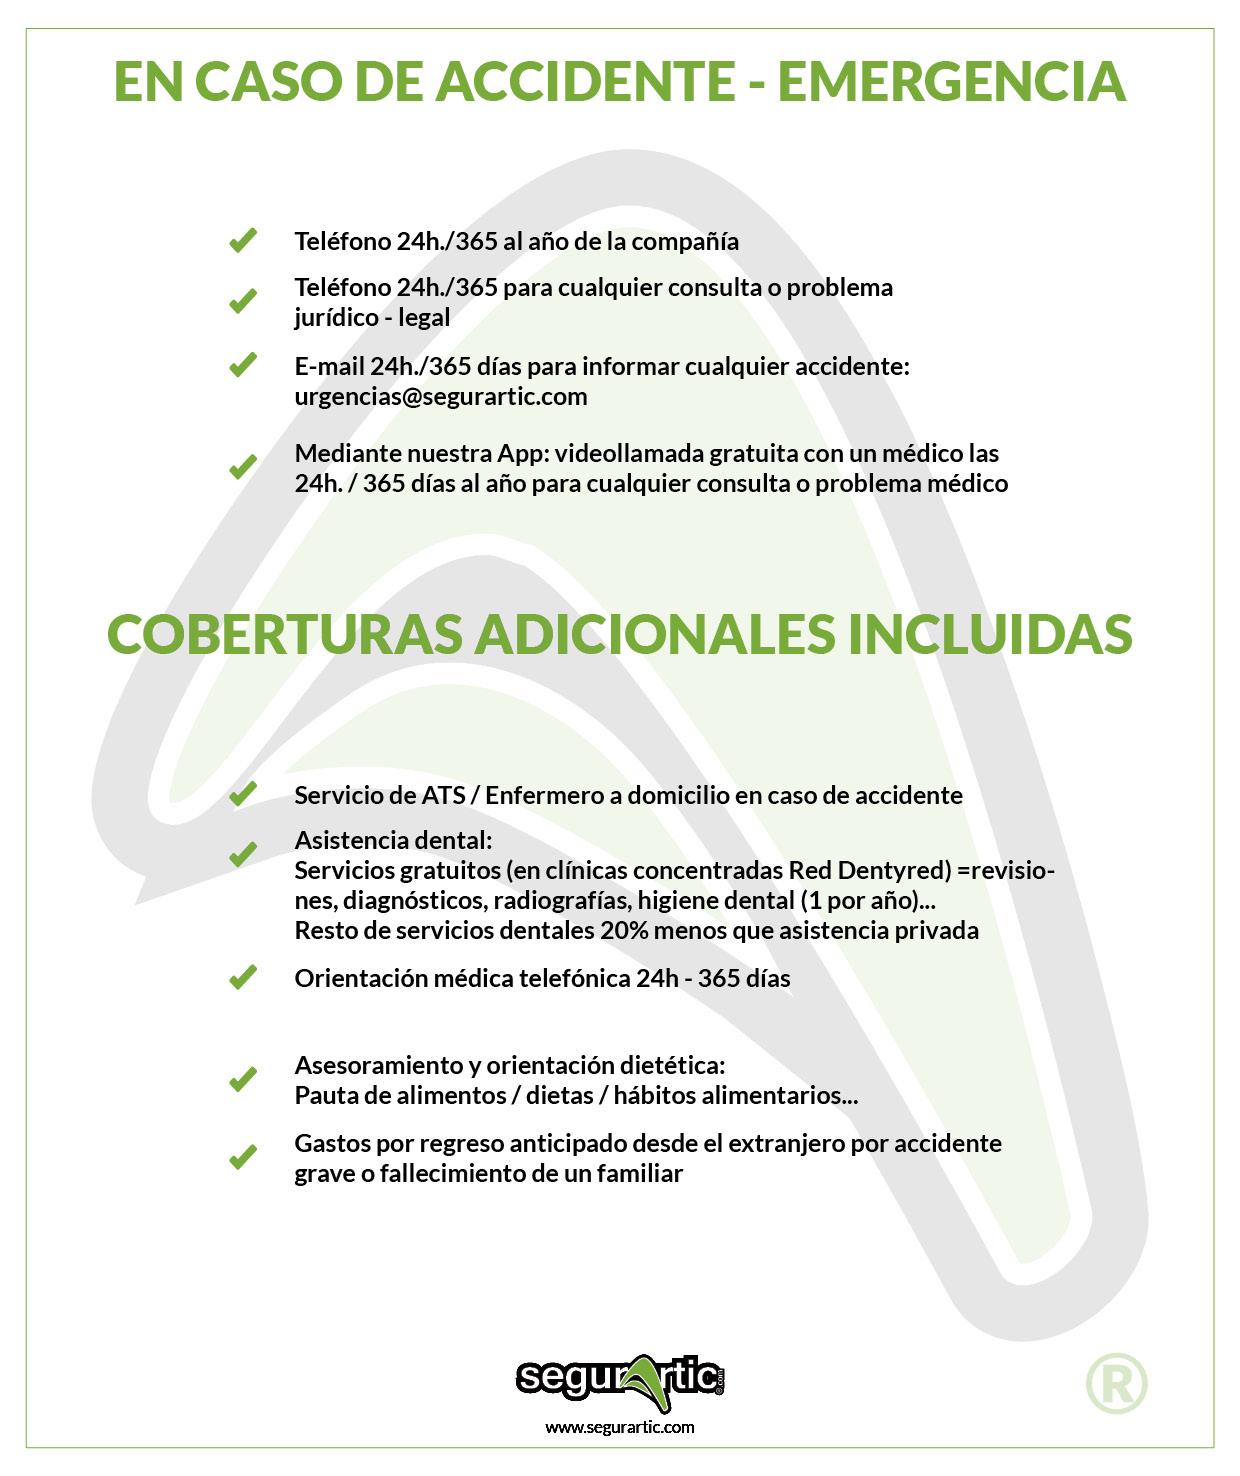 seguro-deportistas-multideporte-accidente-emergencia-coberturas-adicionales-incluidas